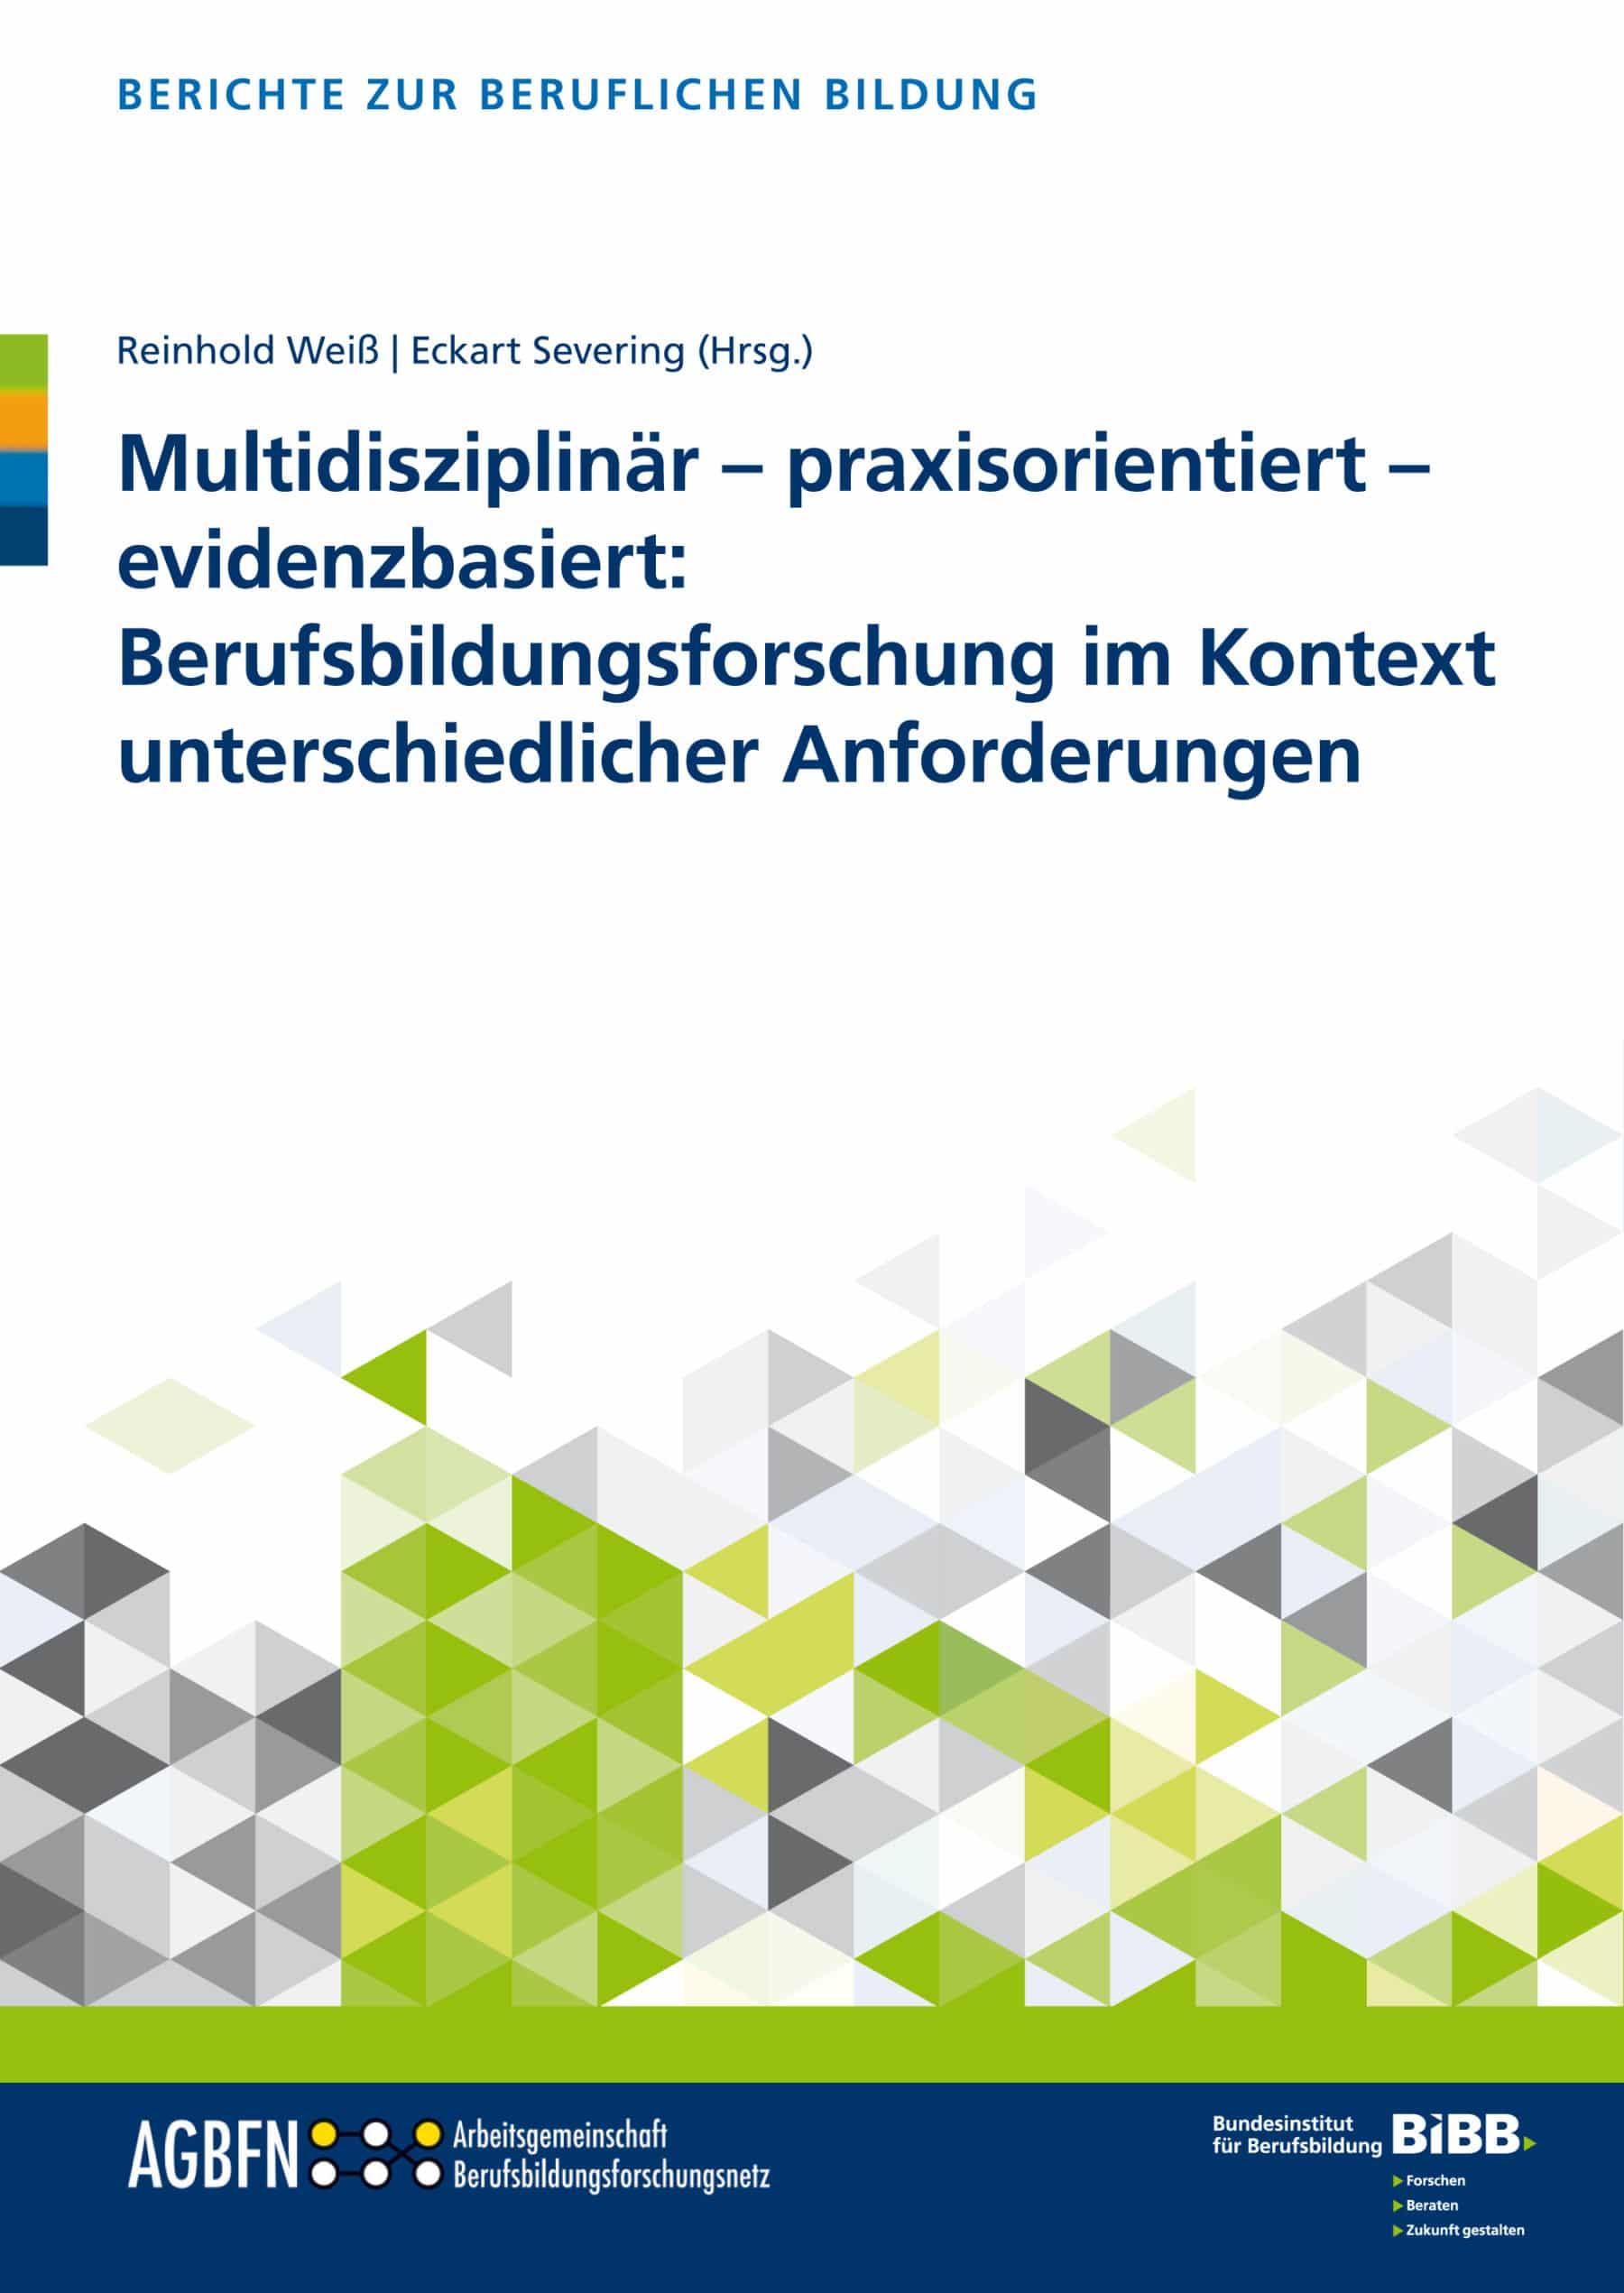 Multidisziplinär – praxisorientiert – evidenzbasiert: Berufsbildungsforschung im Kontext unterschiedlicher Anforderungen